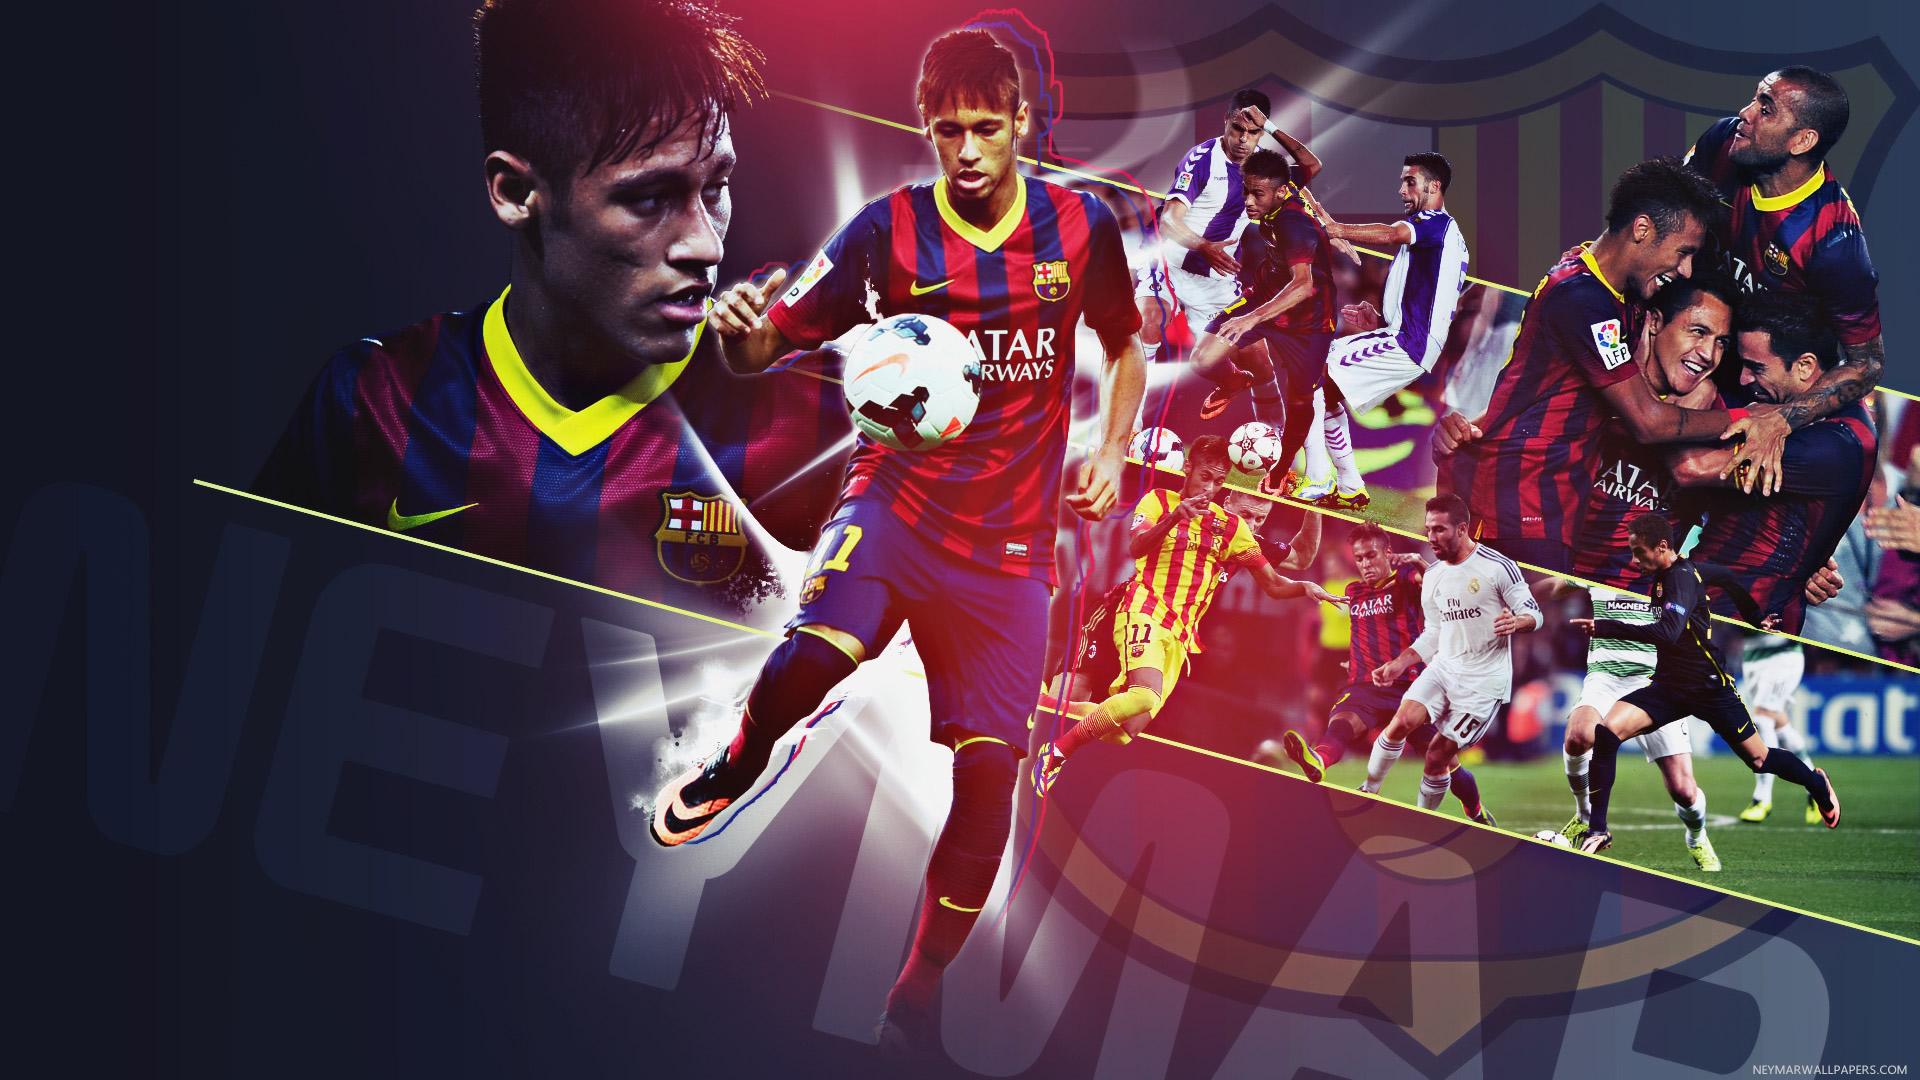 Neymar in action wallpaper